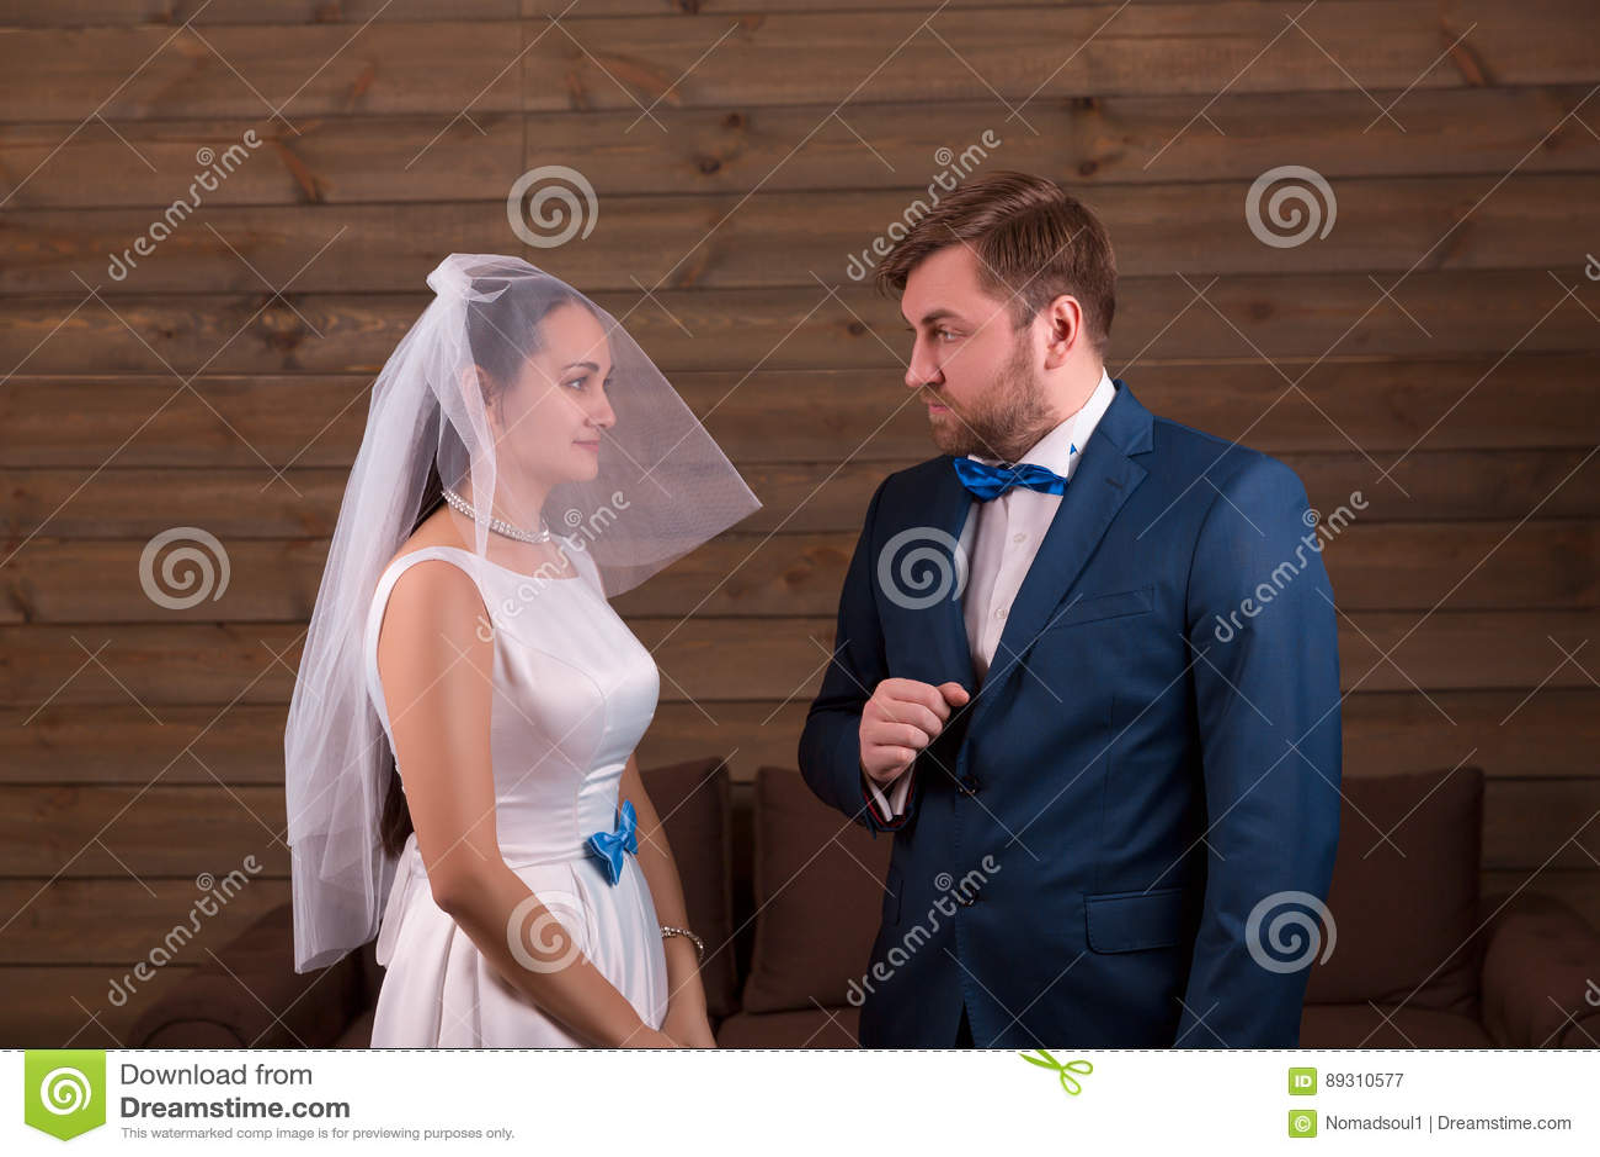 Bride in dress and veil against groom in suit